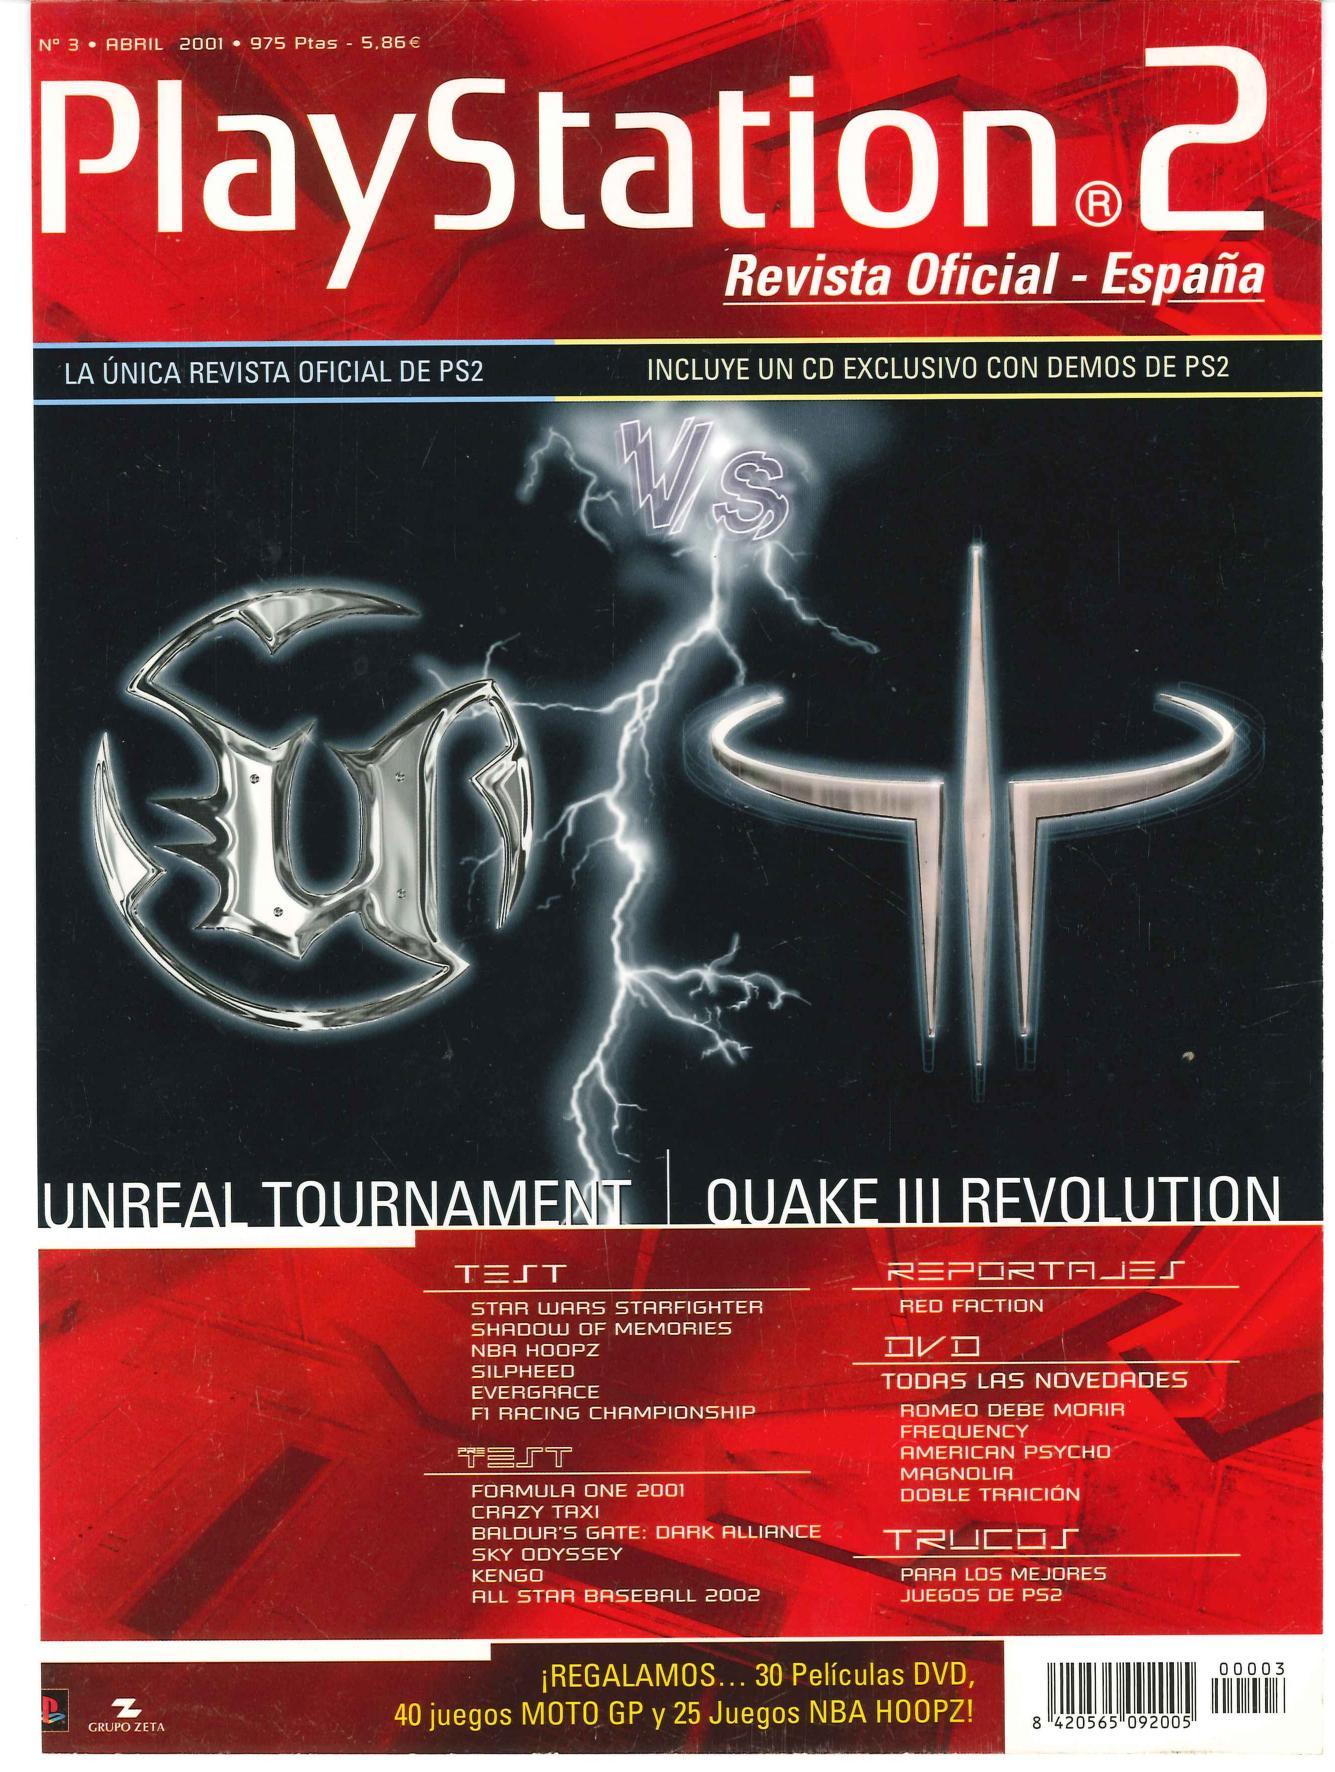 Gratis: Revista Oficial PlayStation, Tu Micro Commodore, The Computer Gaming World y otras